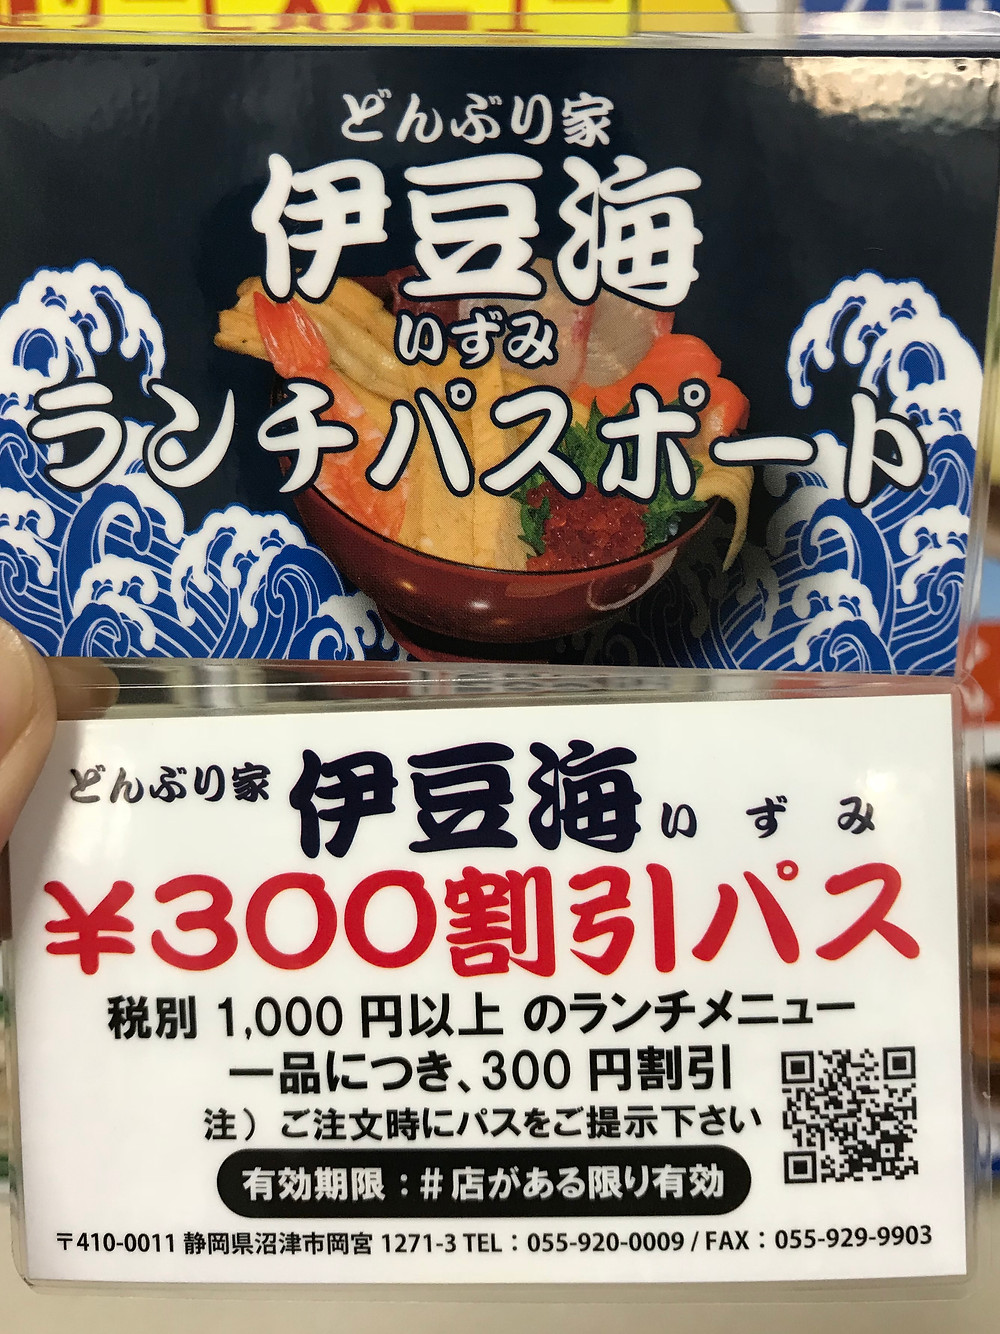 どんぶり家伊豆海の300円割引PASS